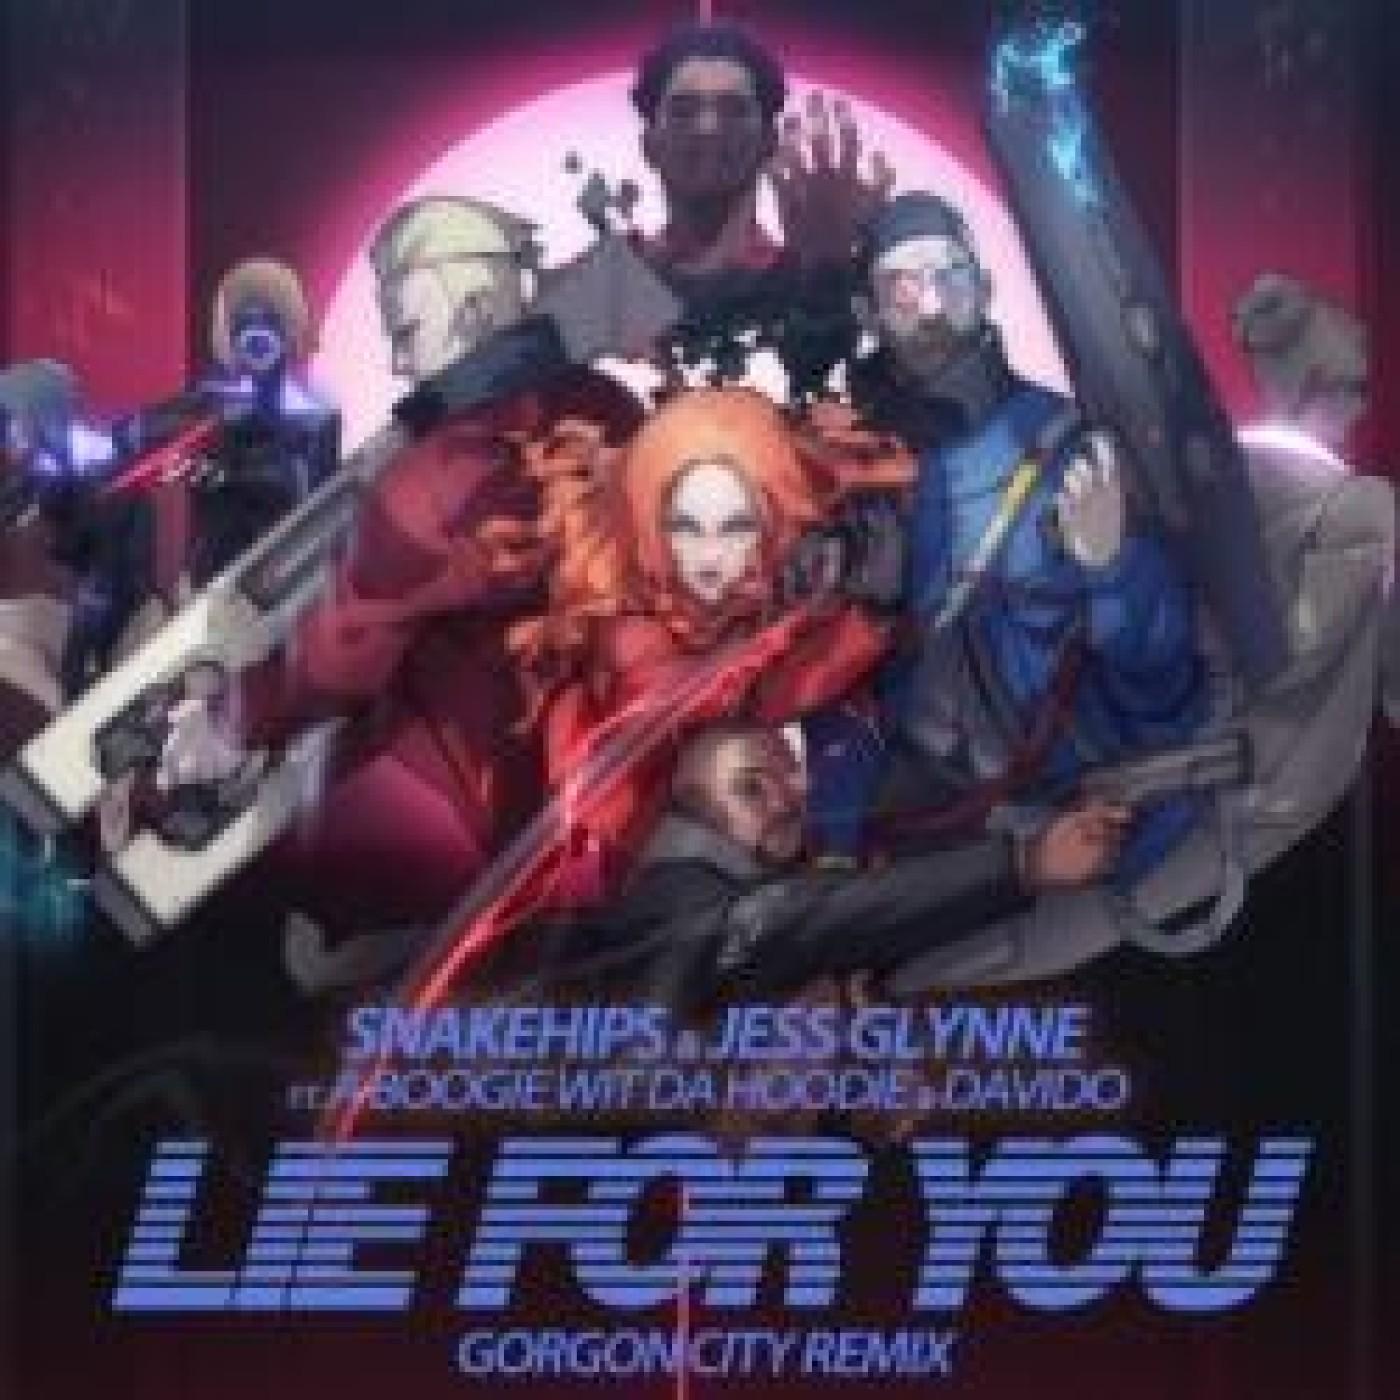 Music News de La Matinale FG : le remix 'Lie For You' de Gorgon City